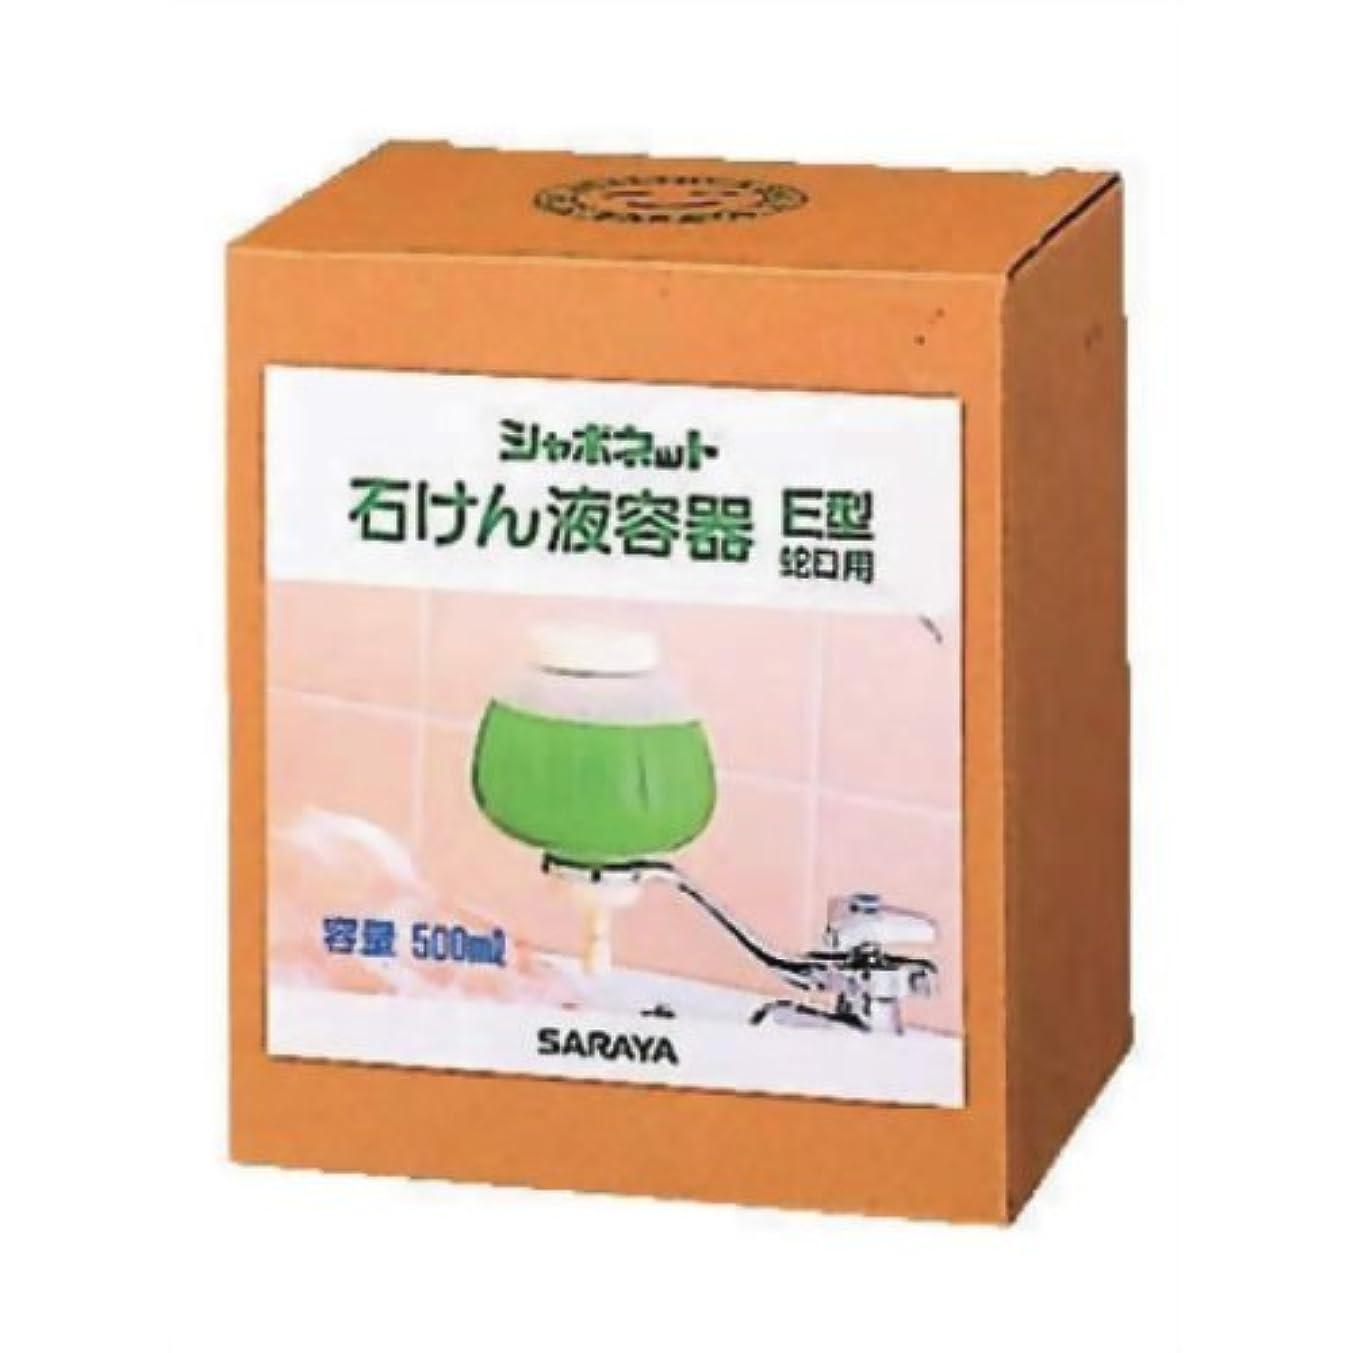 シュリンク幸運なことに省略するシャボネット石鹸液容器 500mLE型蛇口用 21450/63828559 サラヤ